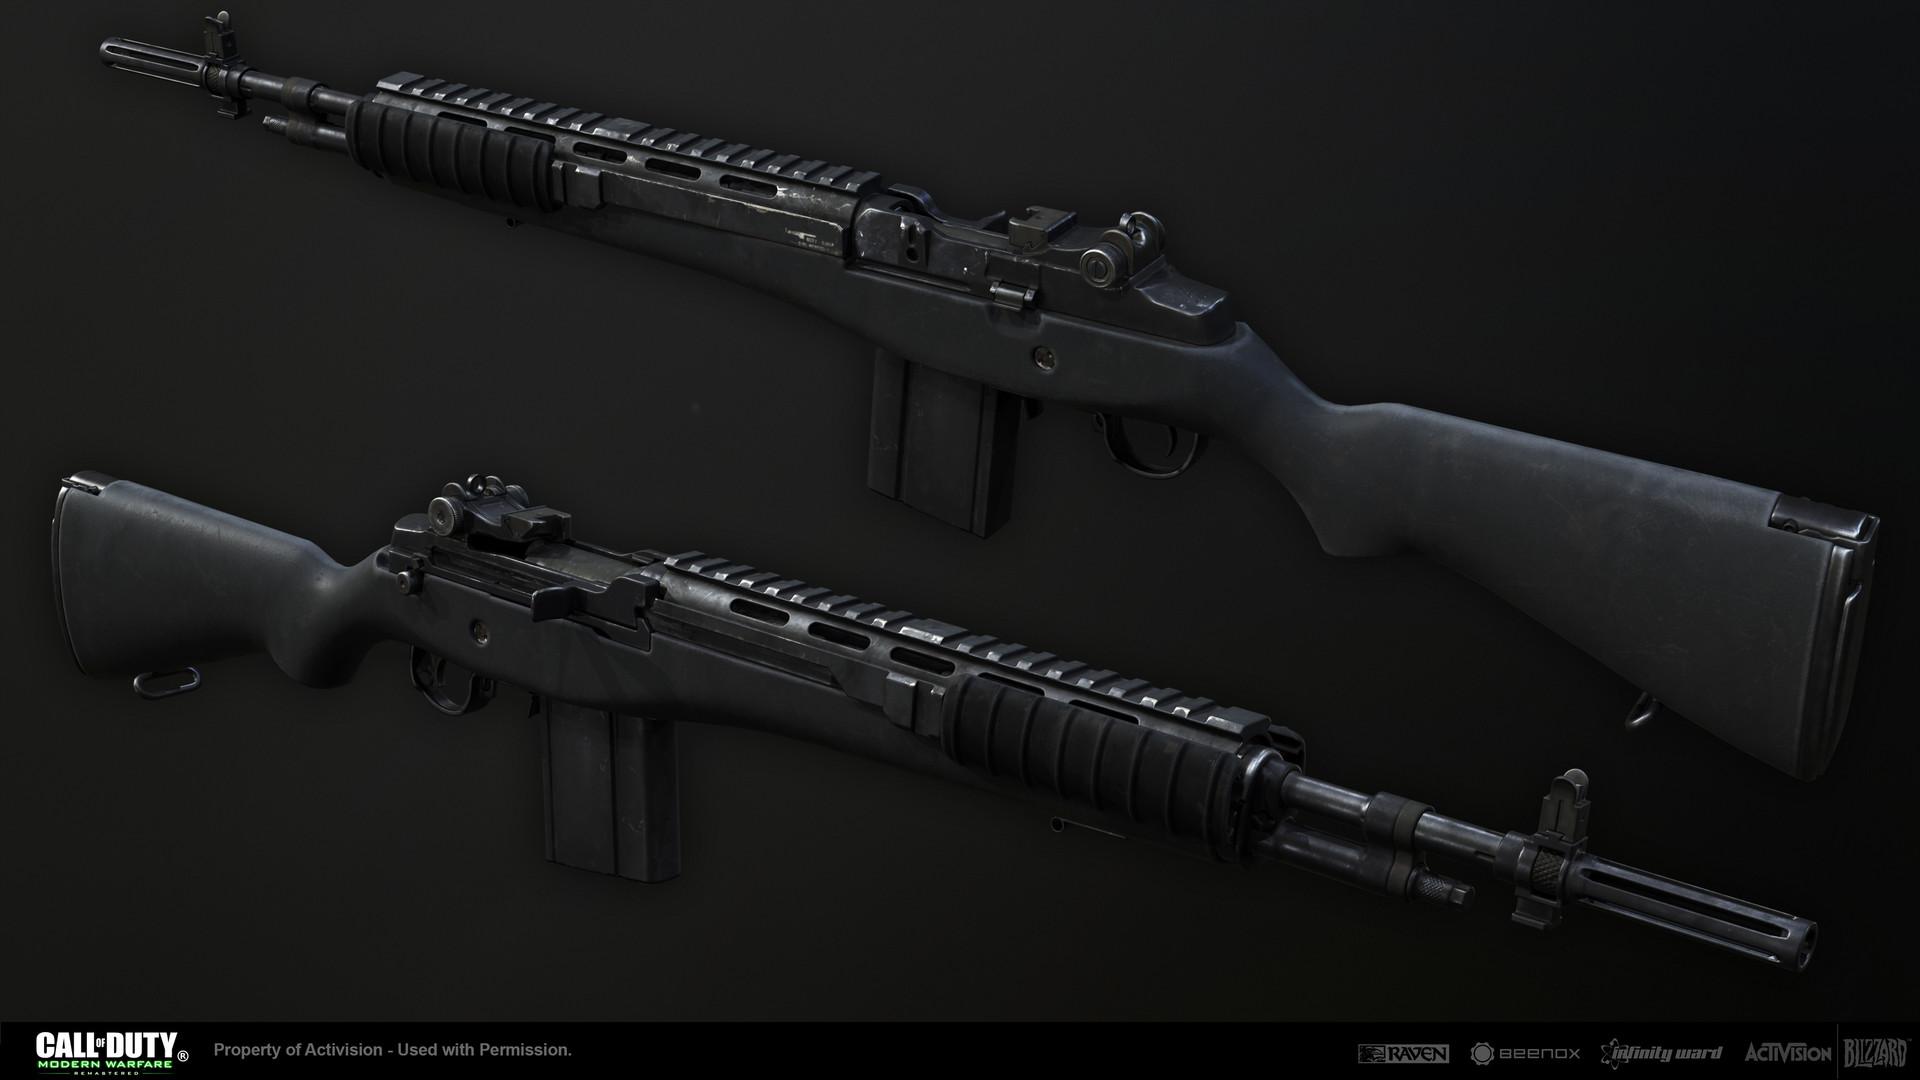 Call of duty modern warfare 2 gun - Daf57